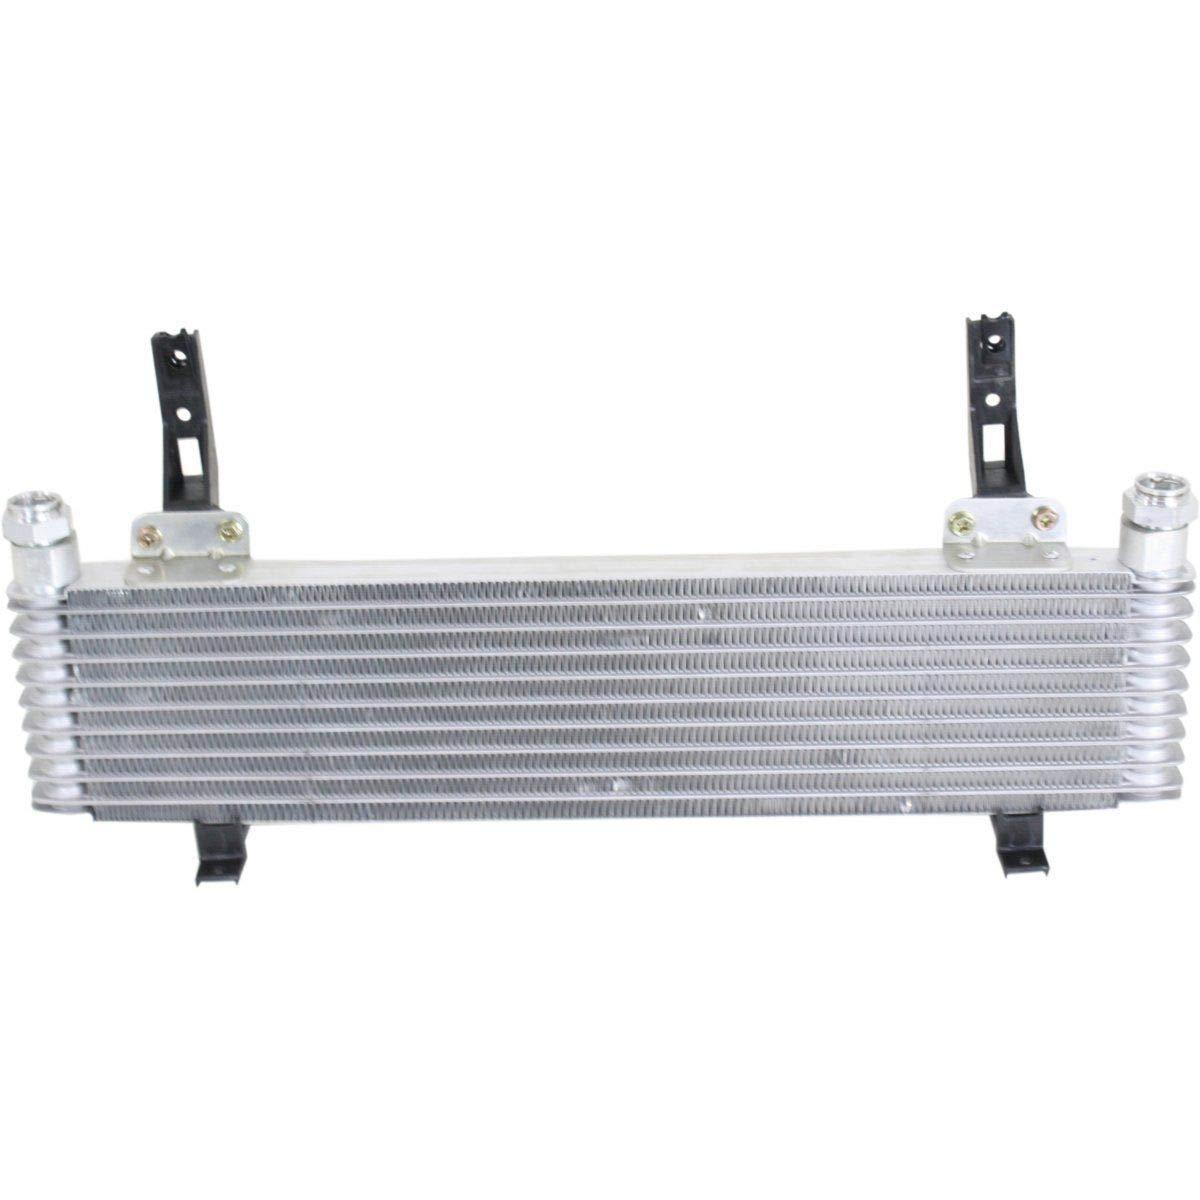 Transmission Cooler for 2011-14 Silverado 2500 3500 6.6L Diesel